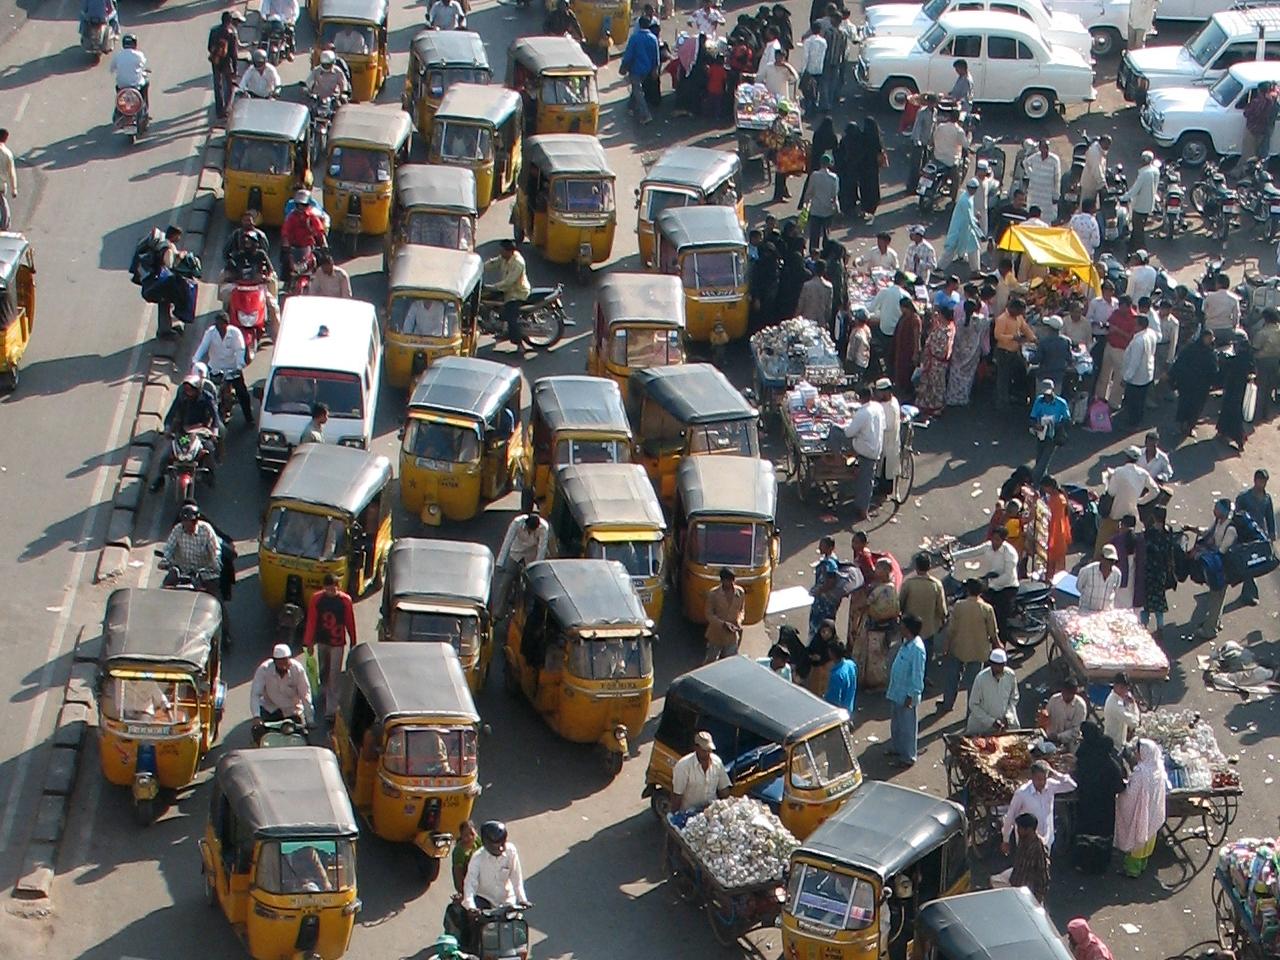 """Bild: """"Traffic"""" von  Alex Graves. Lizenz: CC BY SA 2.0"""